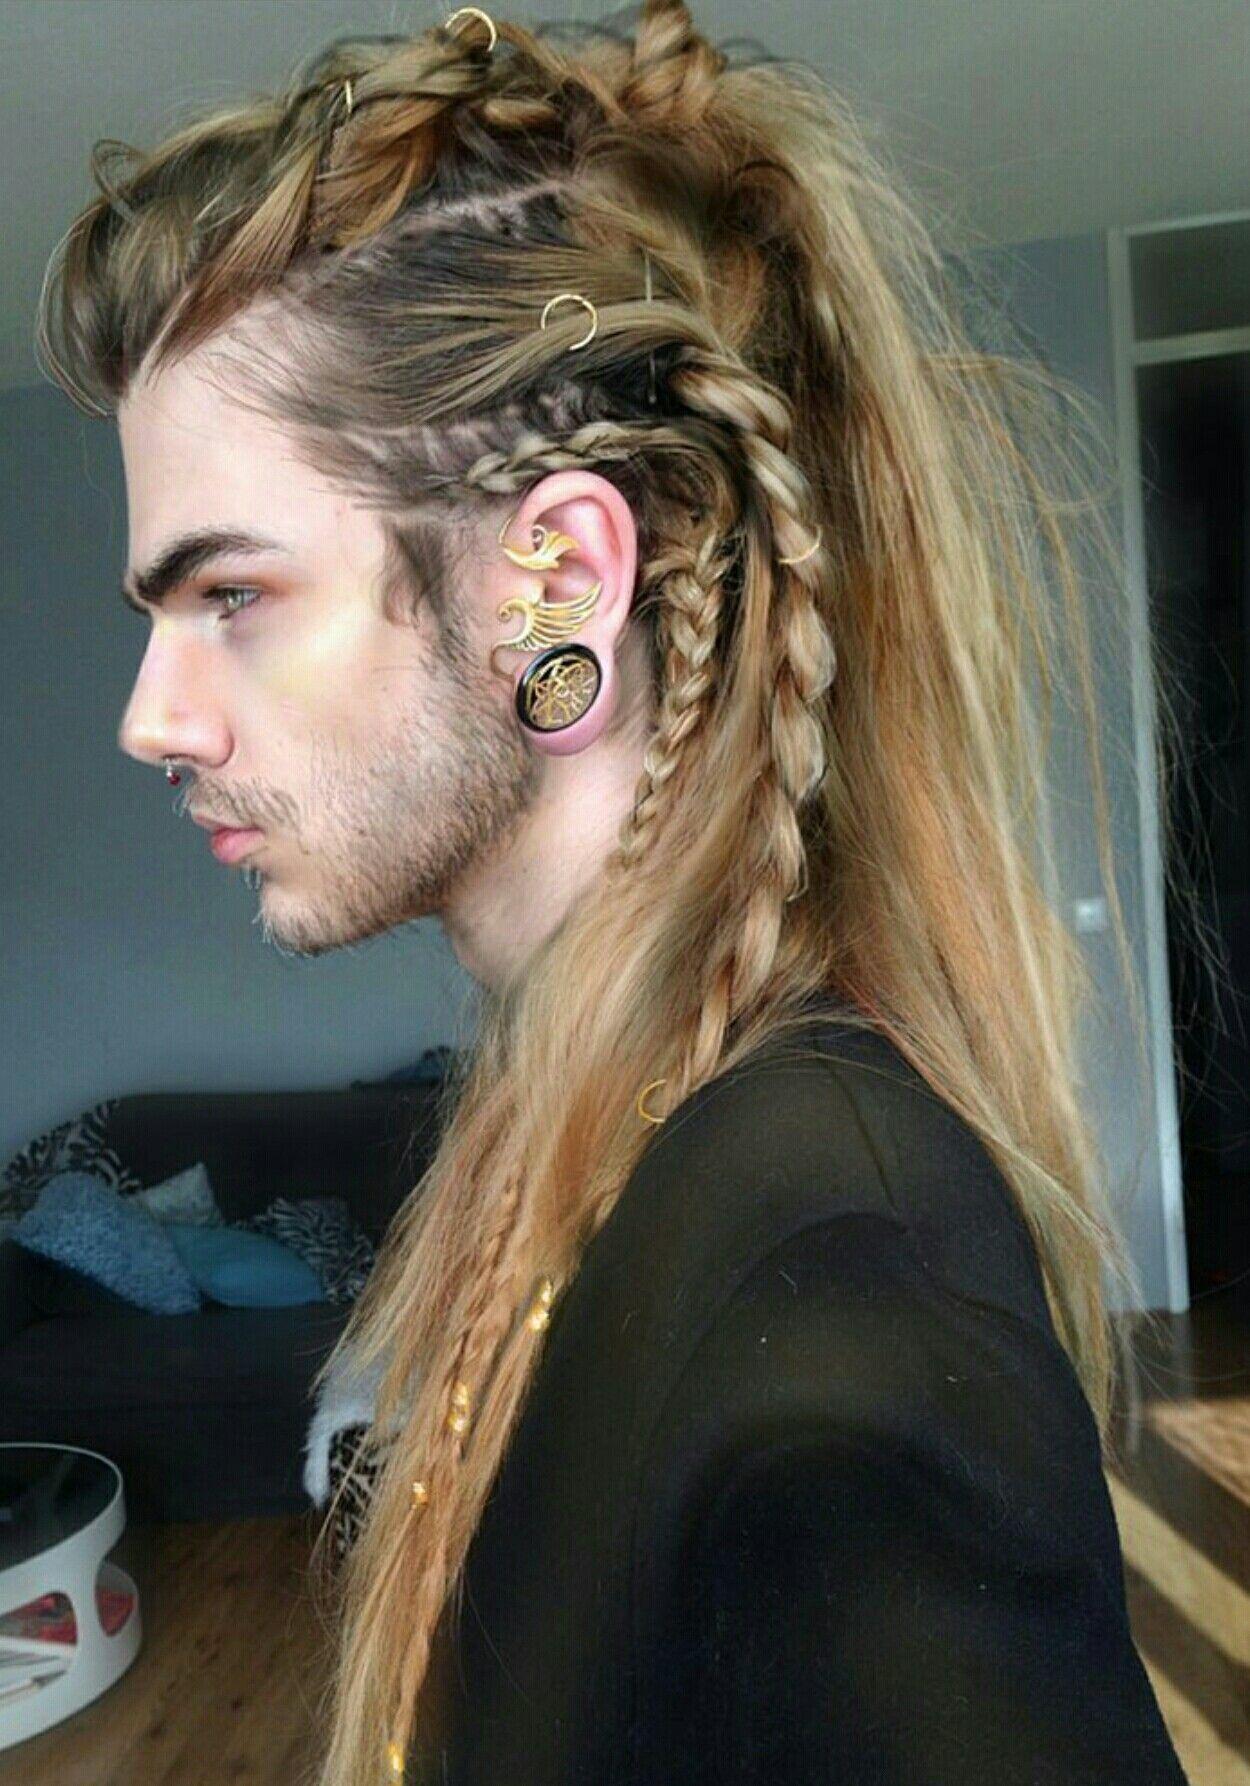 HairBraids Mens Long Hairstyles in Pinterest Hair